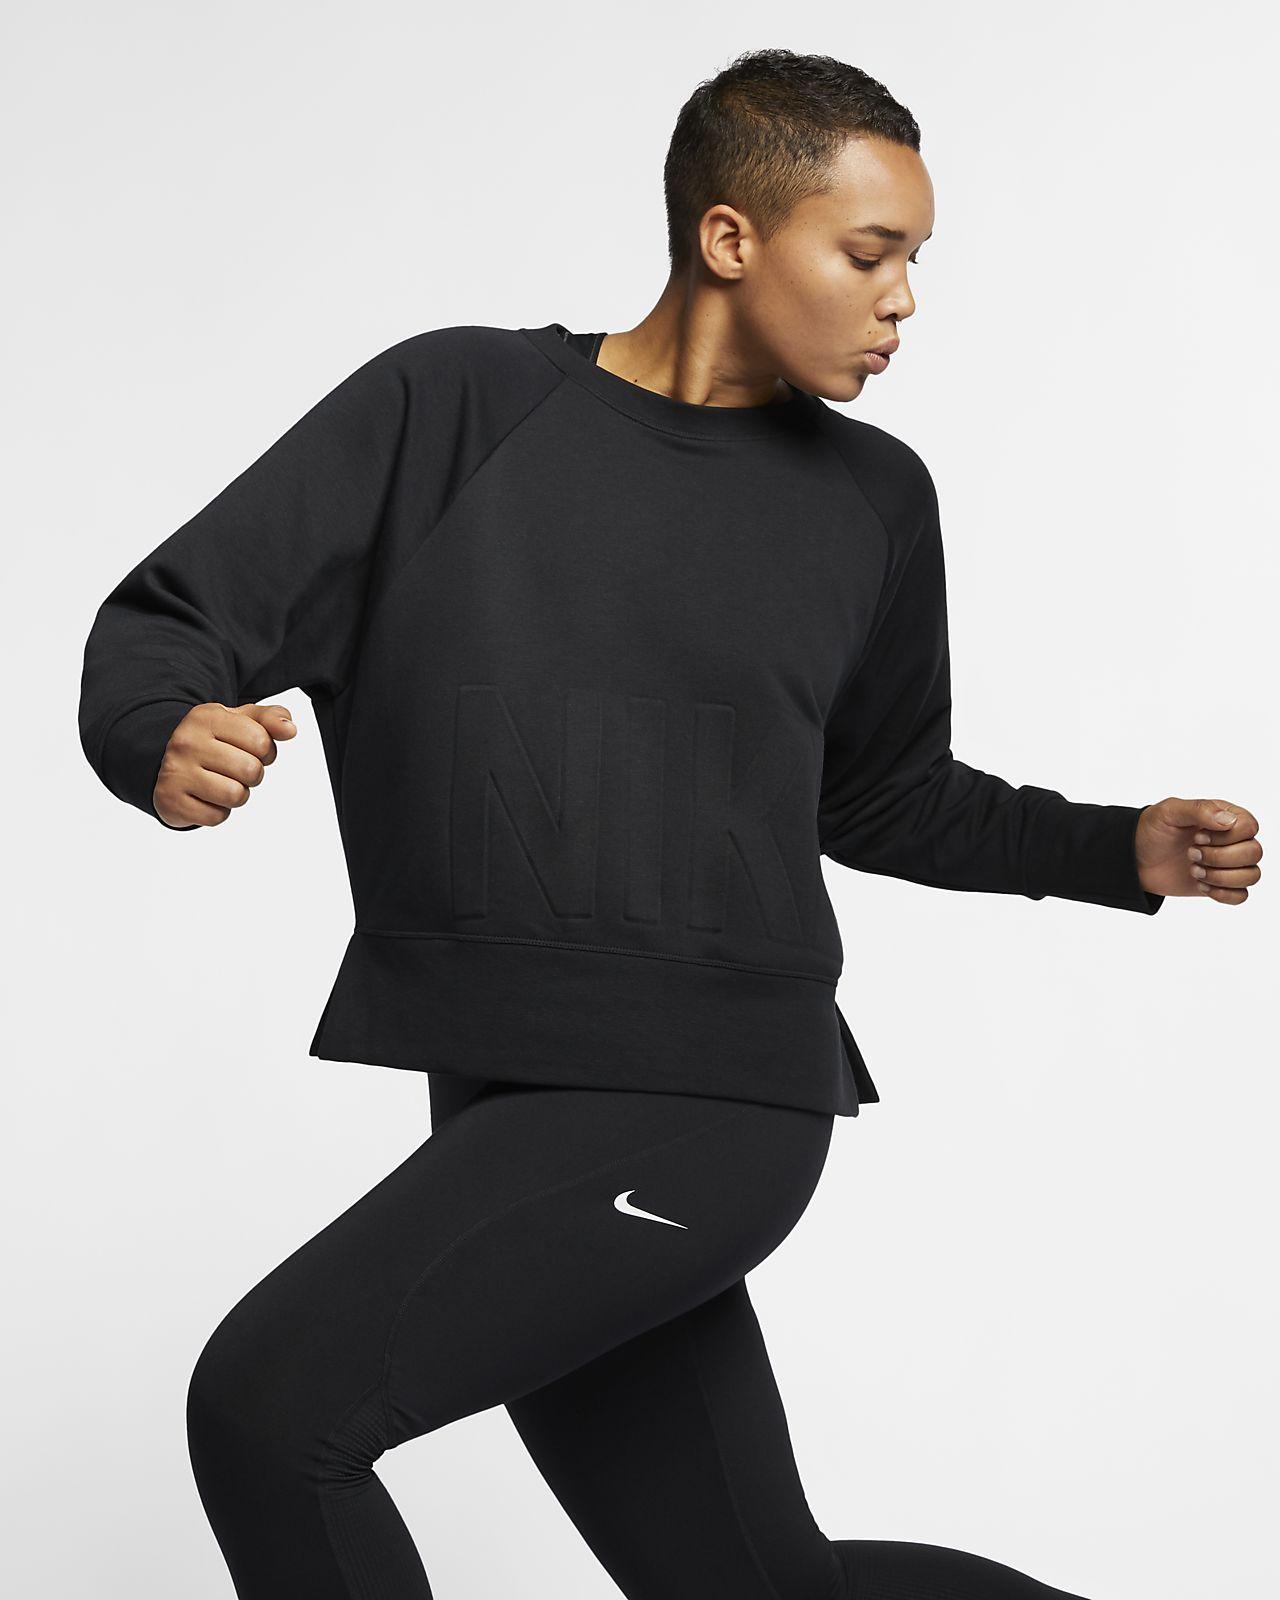 24df0b9c11d1 Haut de training Nike pour Femme (grande taille). Nike.com FR